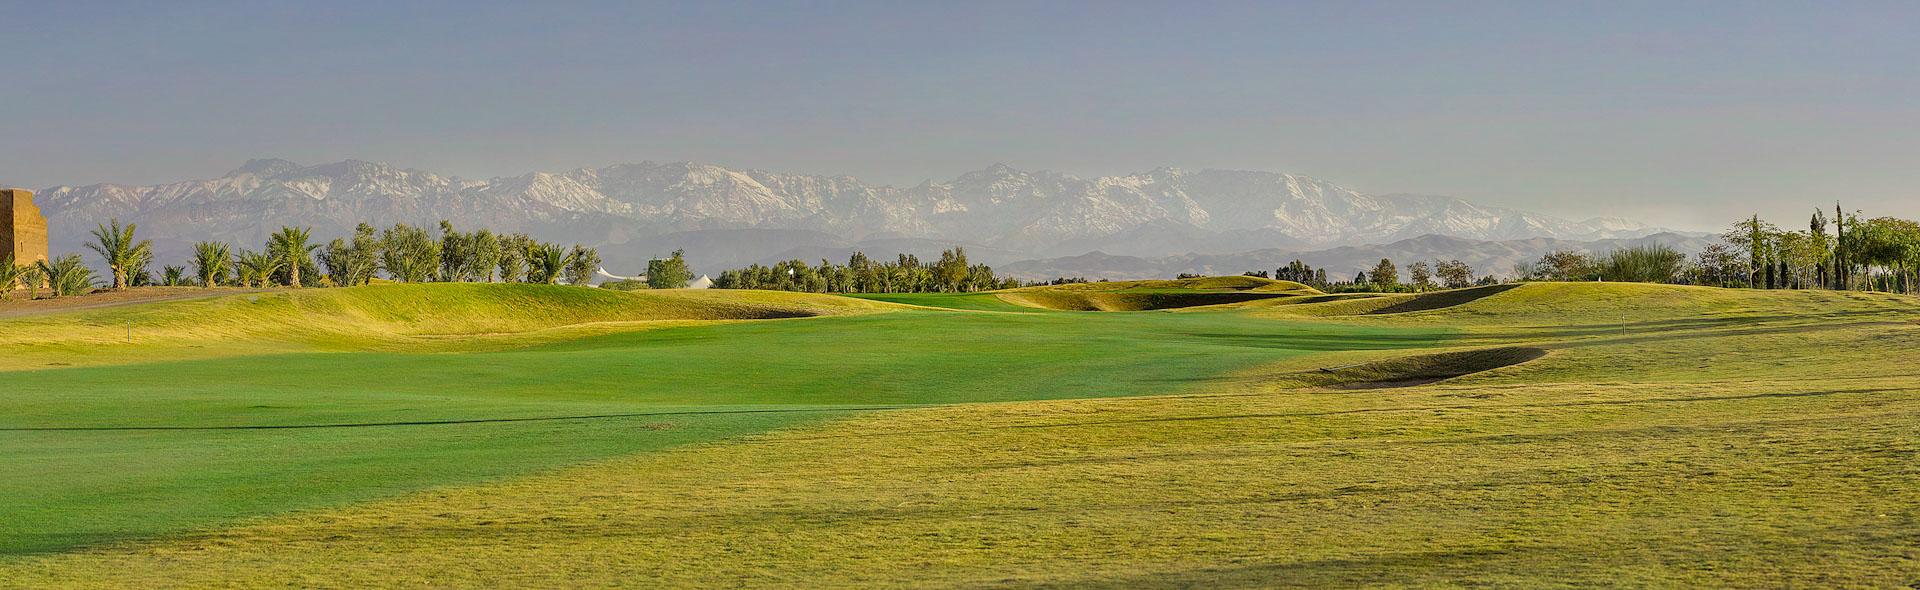 Noria Golf Course-15979